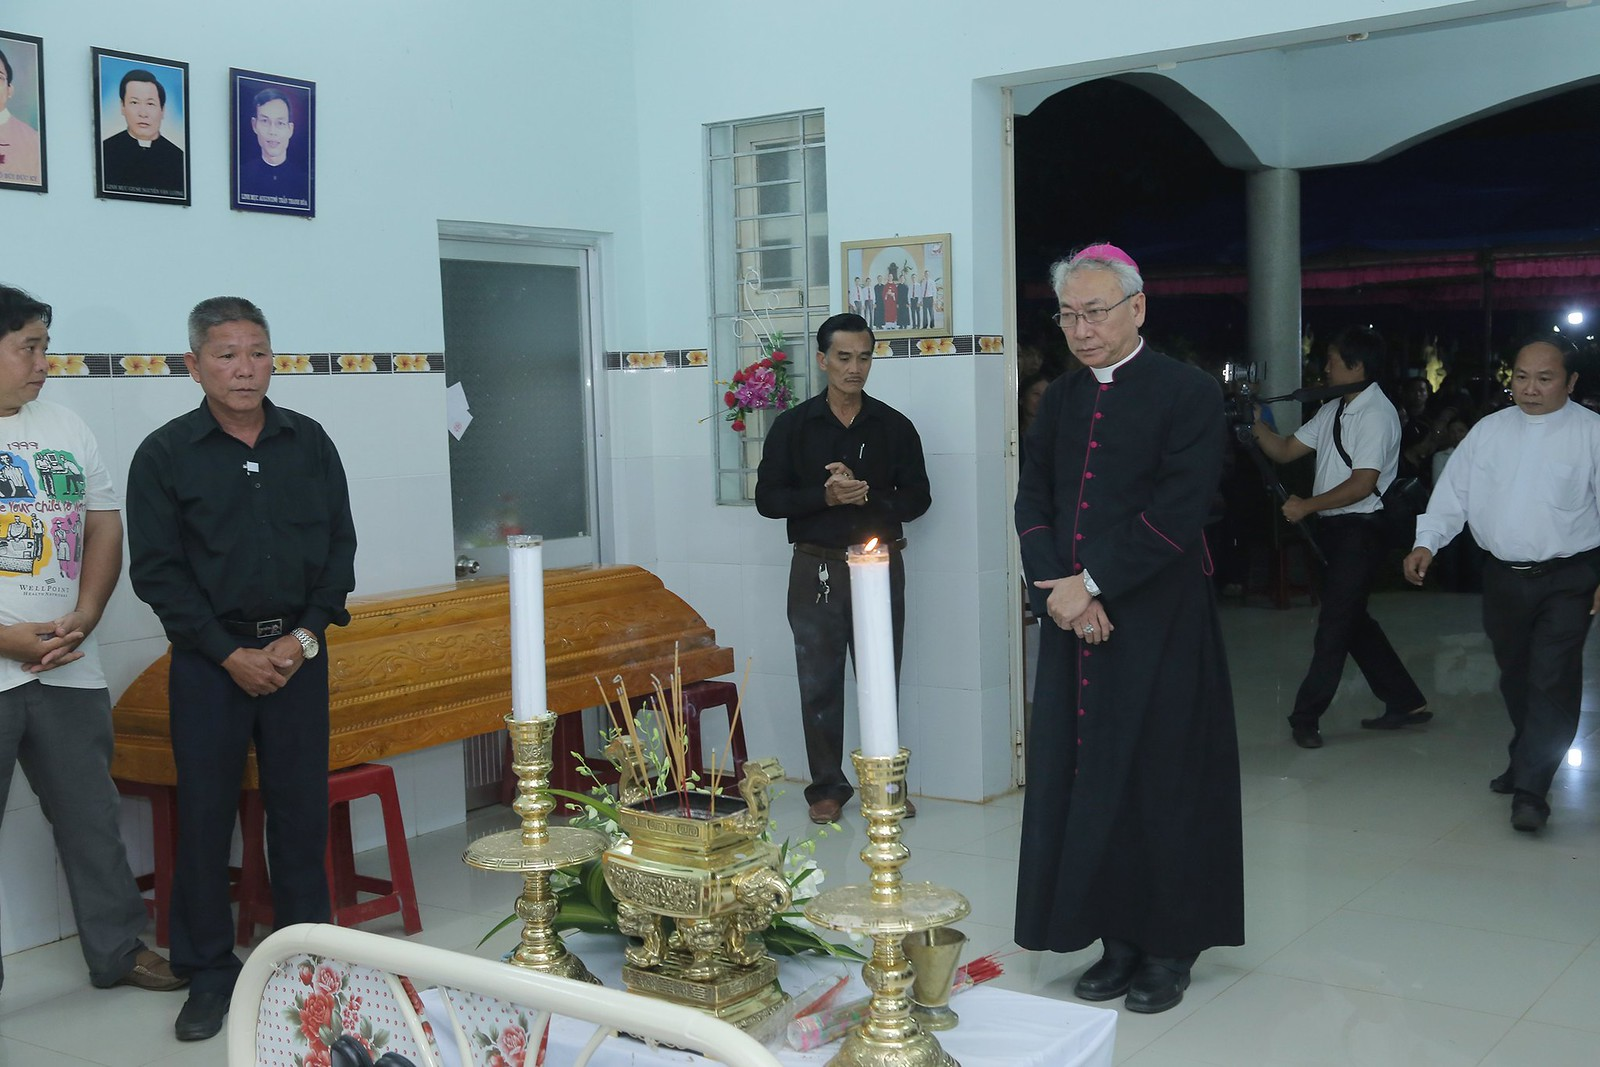 Cầu nguyện cho linh hồn Cha Giuse Đặng Đình An, Cha qua đời vì tai nạn giao thông - Ảnh minh hoạ 12